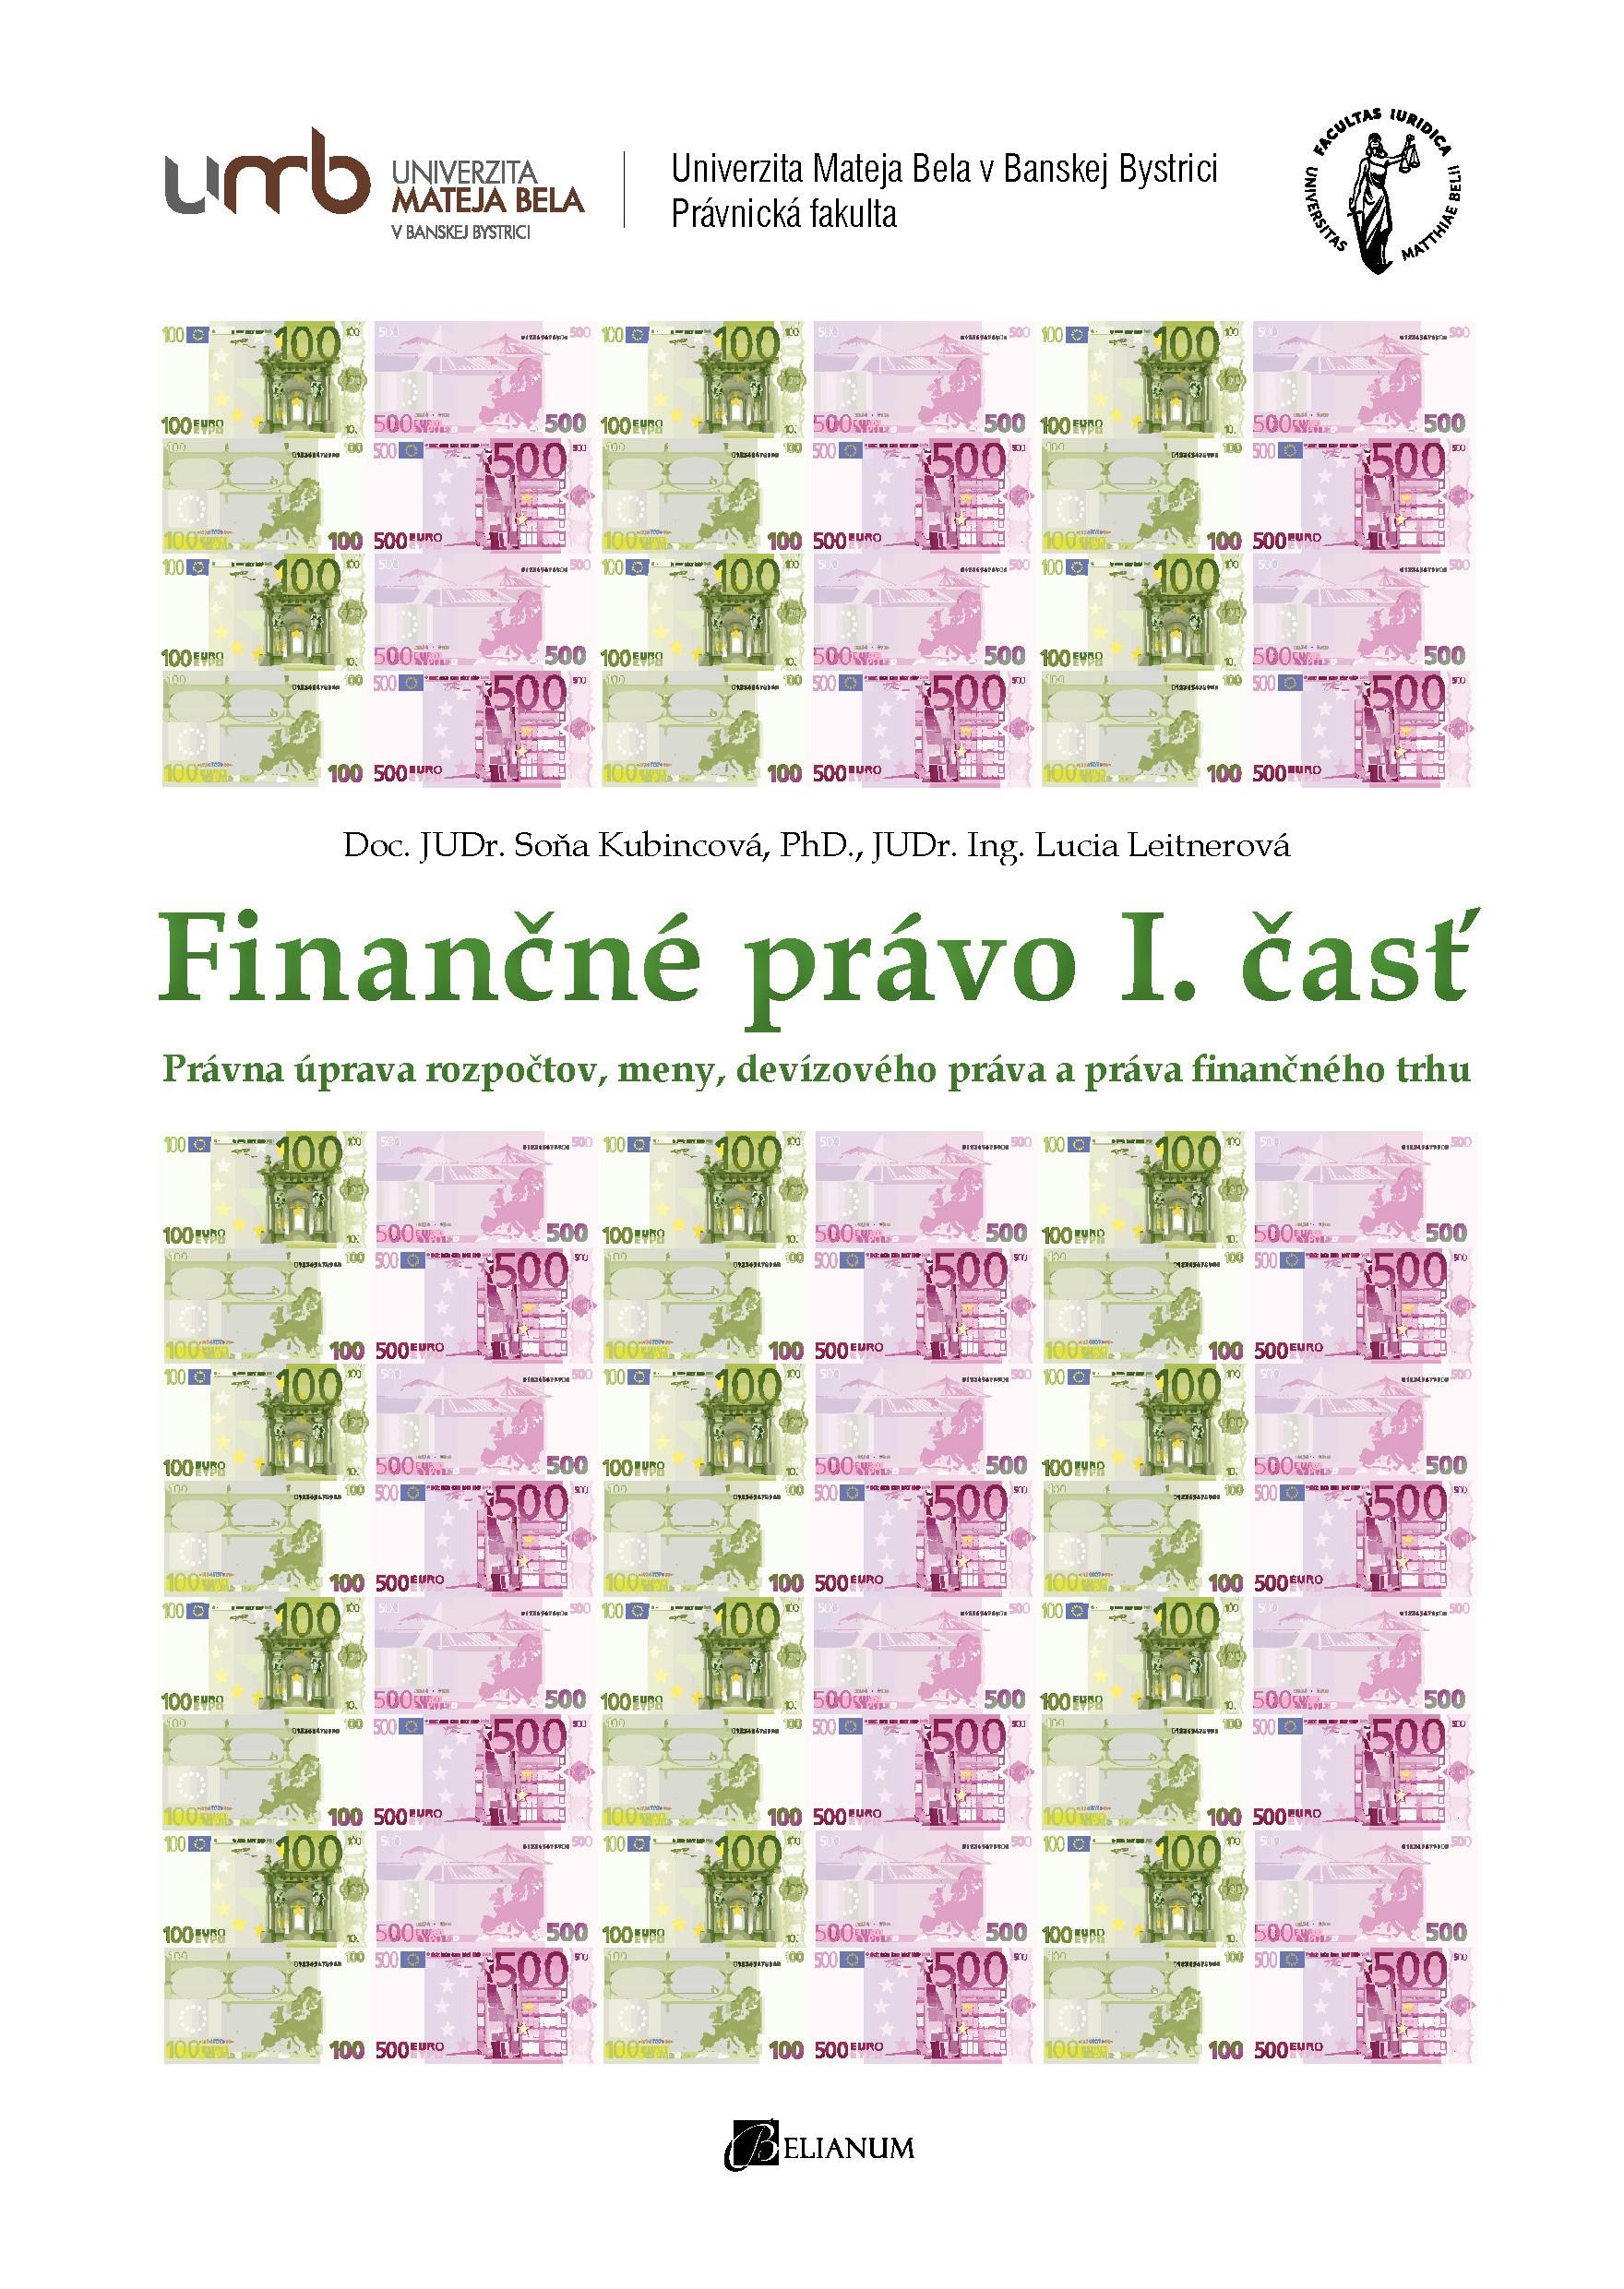 Finančné právo I. časť. Právna úprava rozpočtov, menové právo, devízové právo, právo finančného trhu.